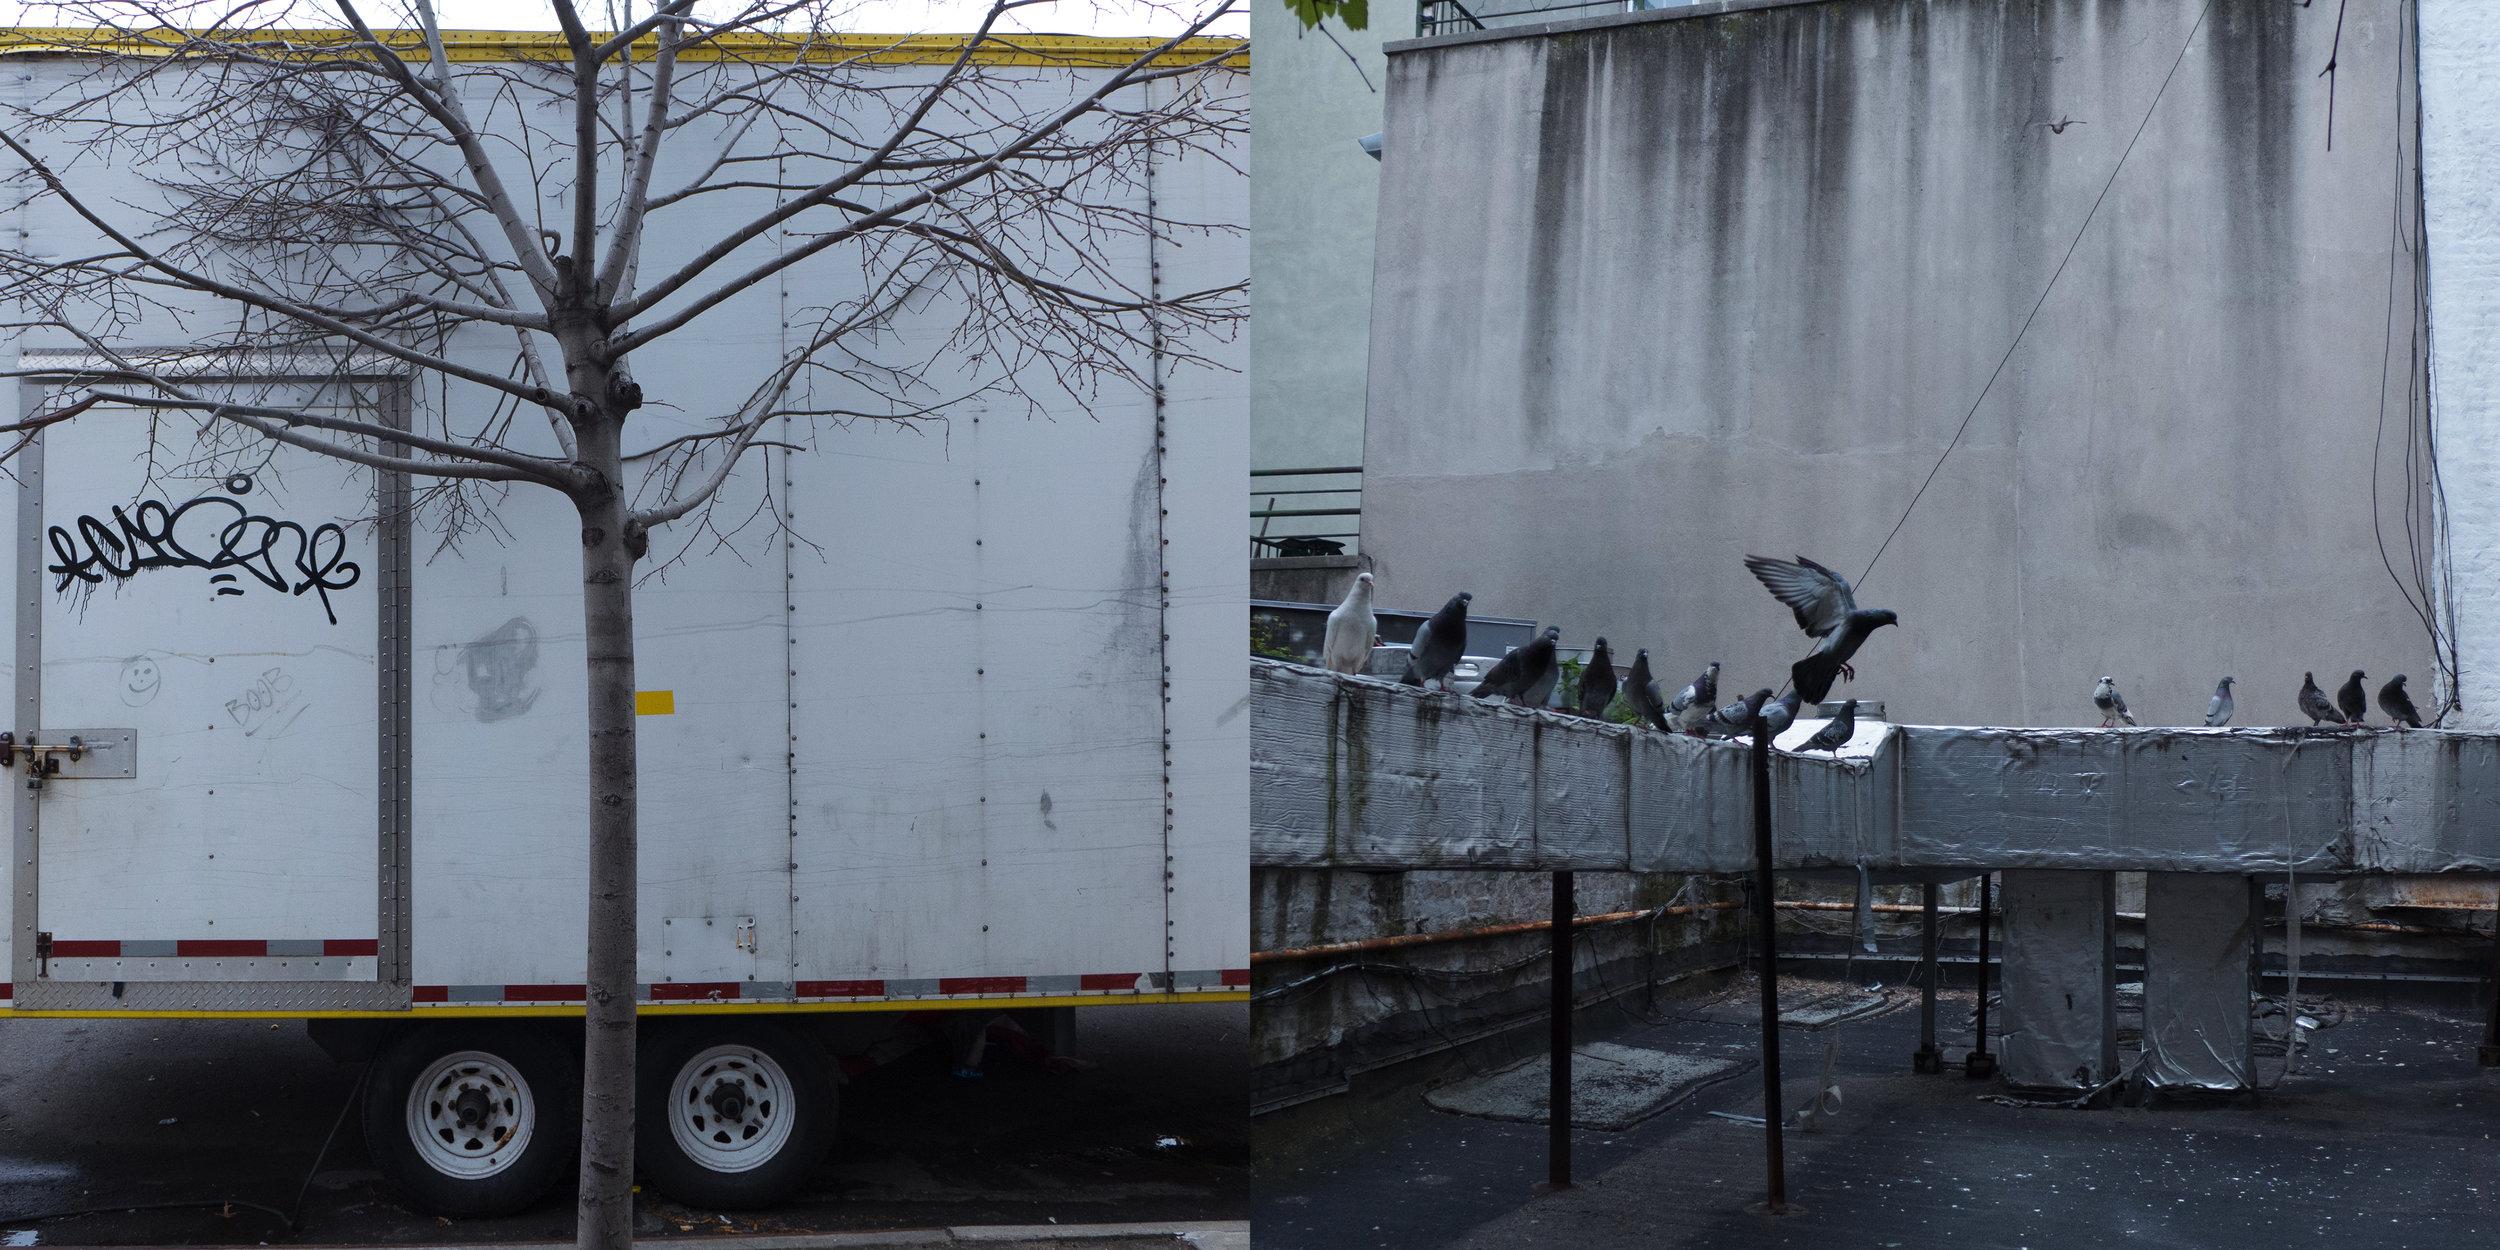 Tree & Truck, East Harlem & Birds, New York Central Art Supply